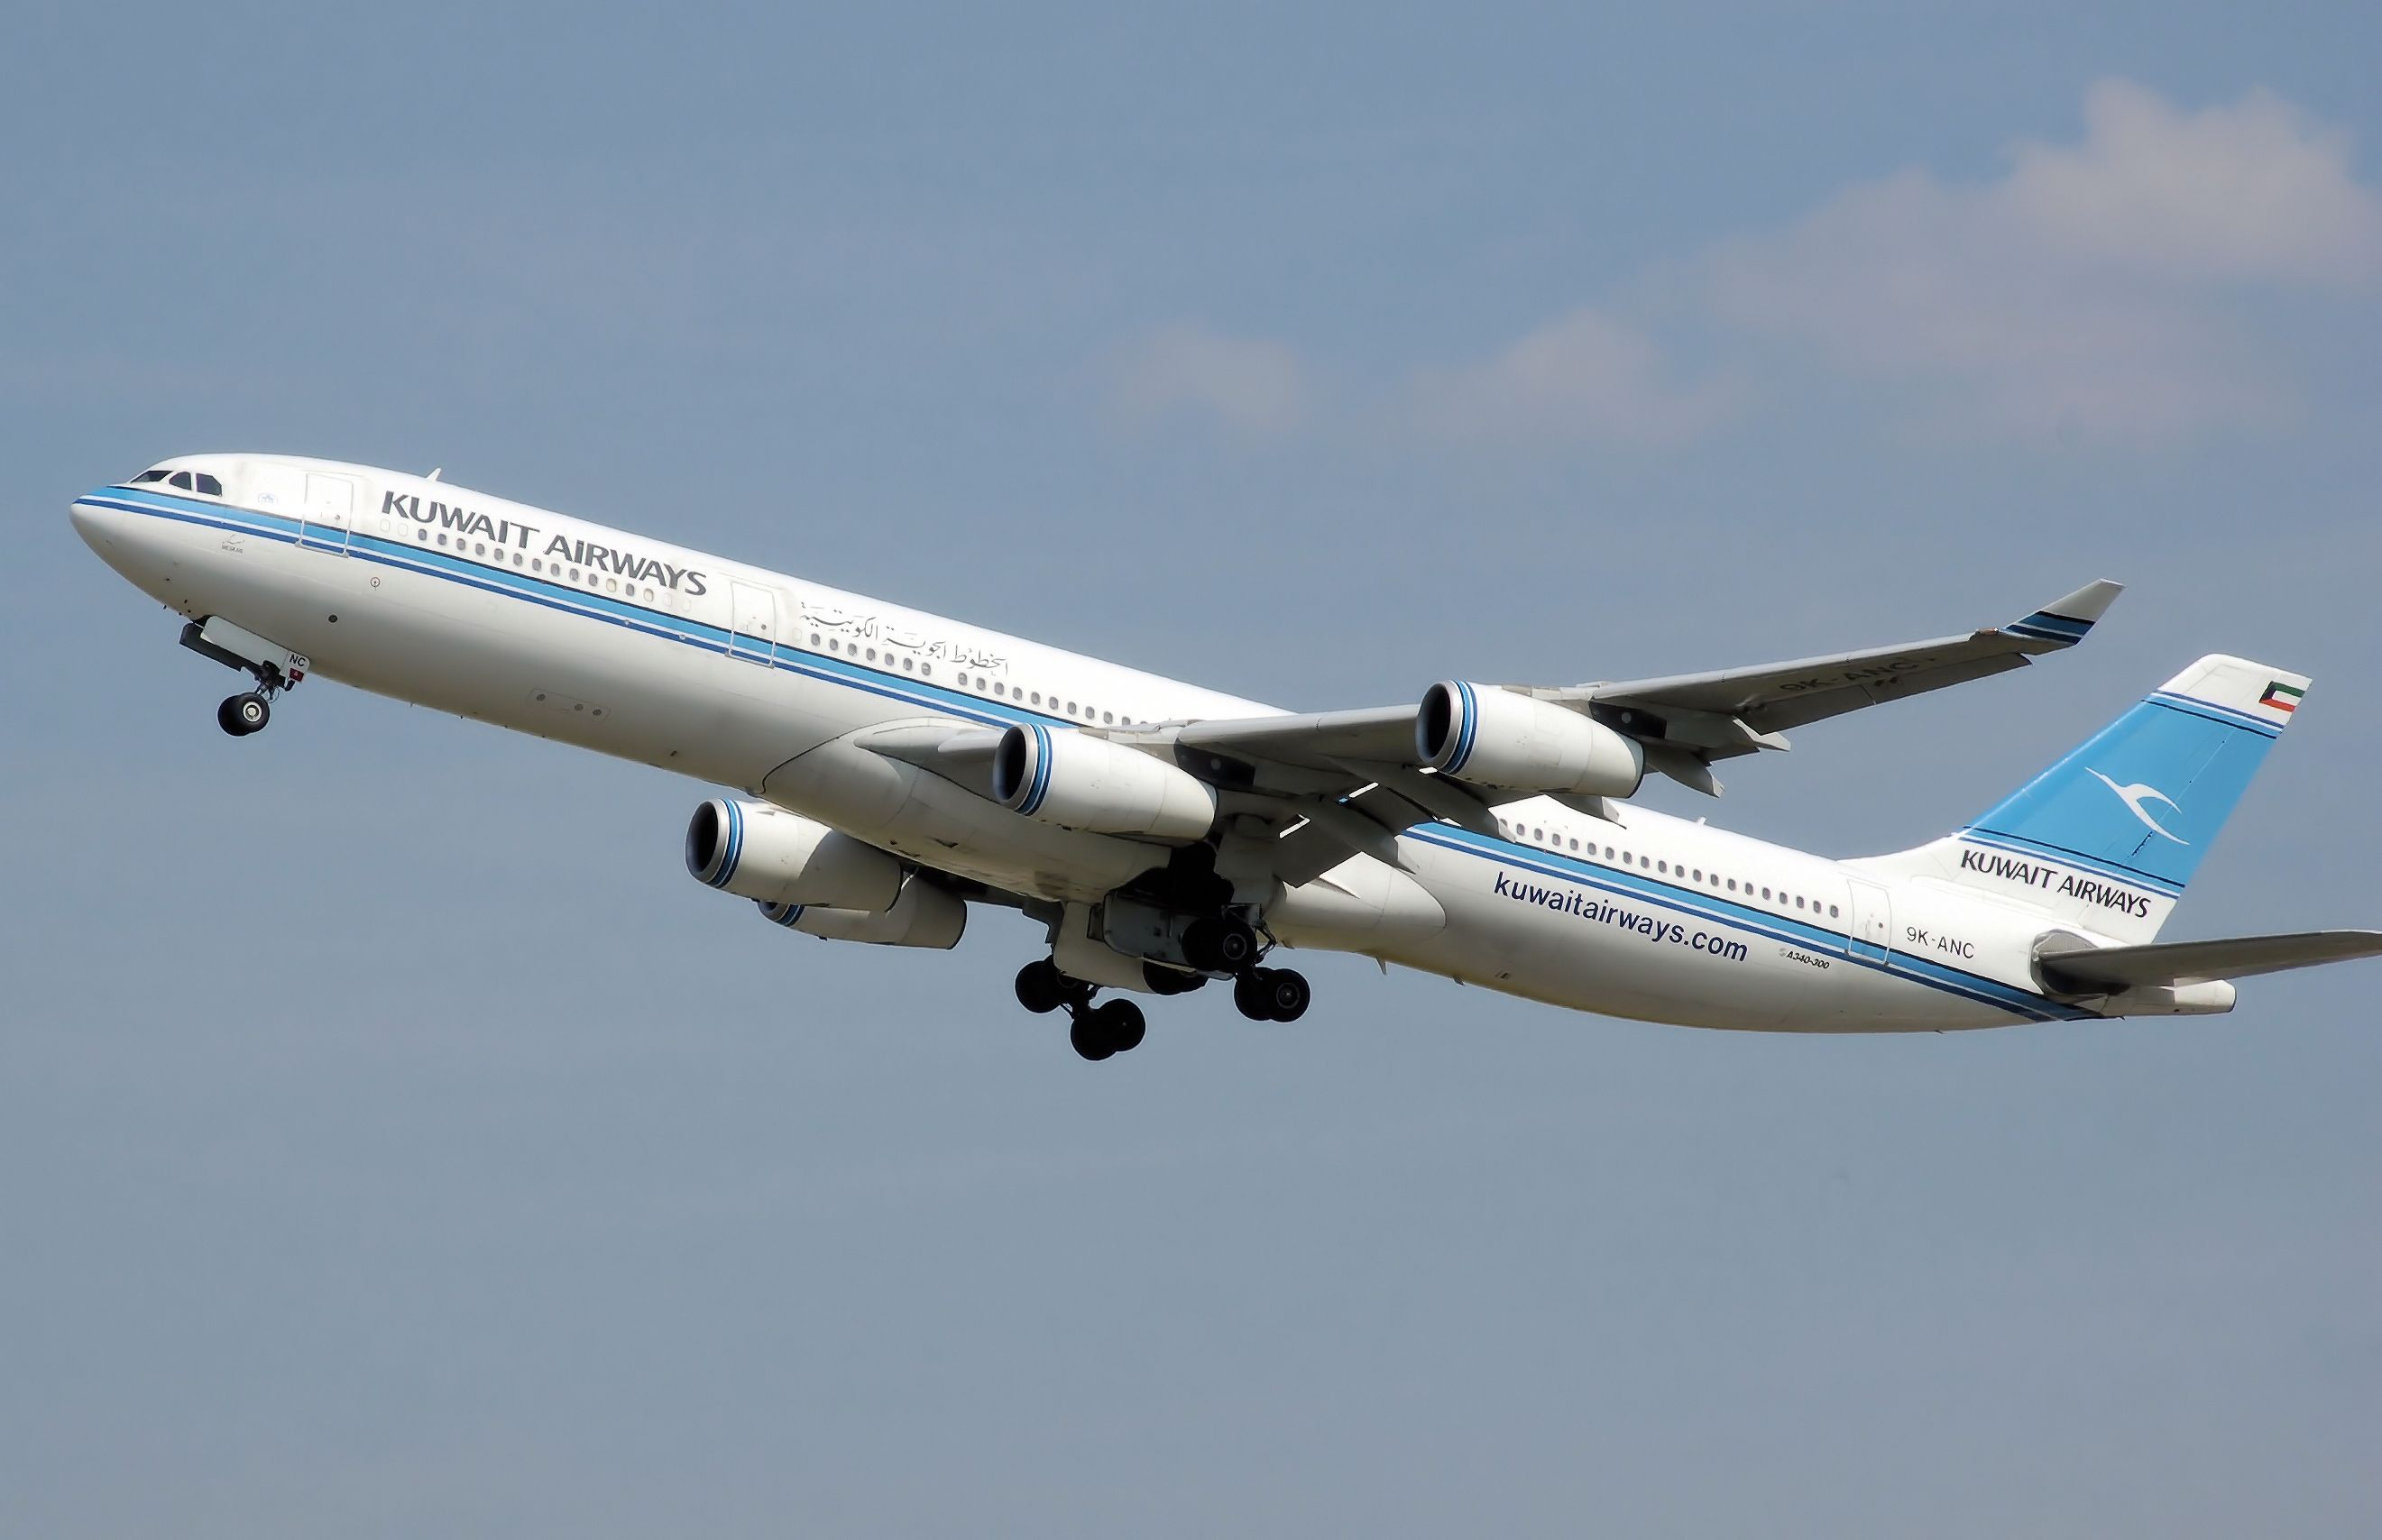 طيران الكويتية Best Flight Deals Kuwait Aircraft